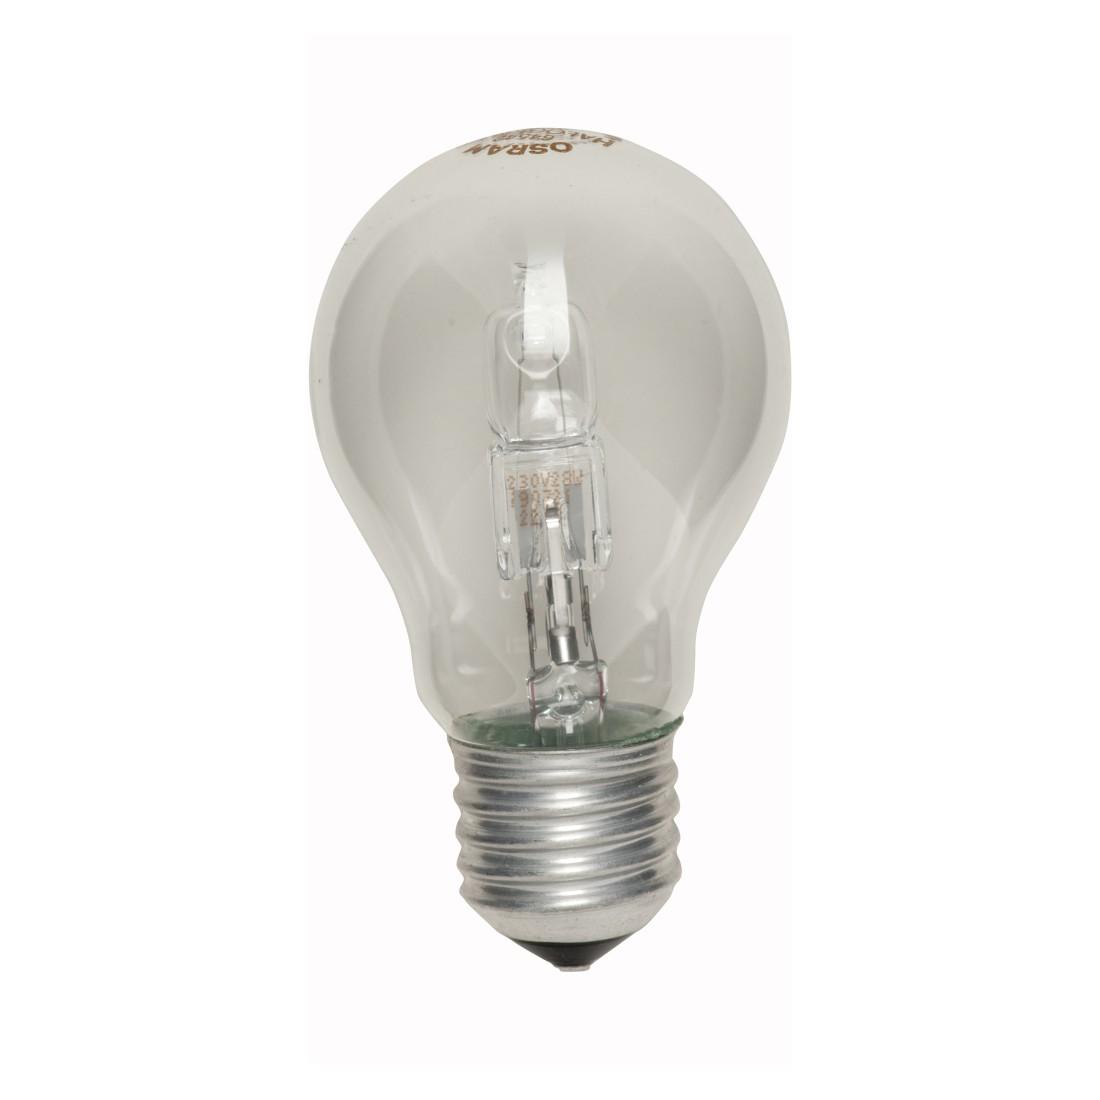 Halogen-Retrofitlampe E27 28 W Standard klar ● Klarglas Klar- Mega Licht